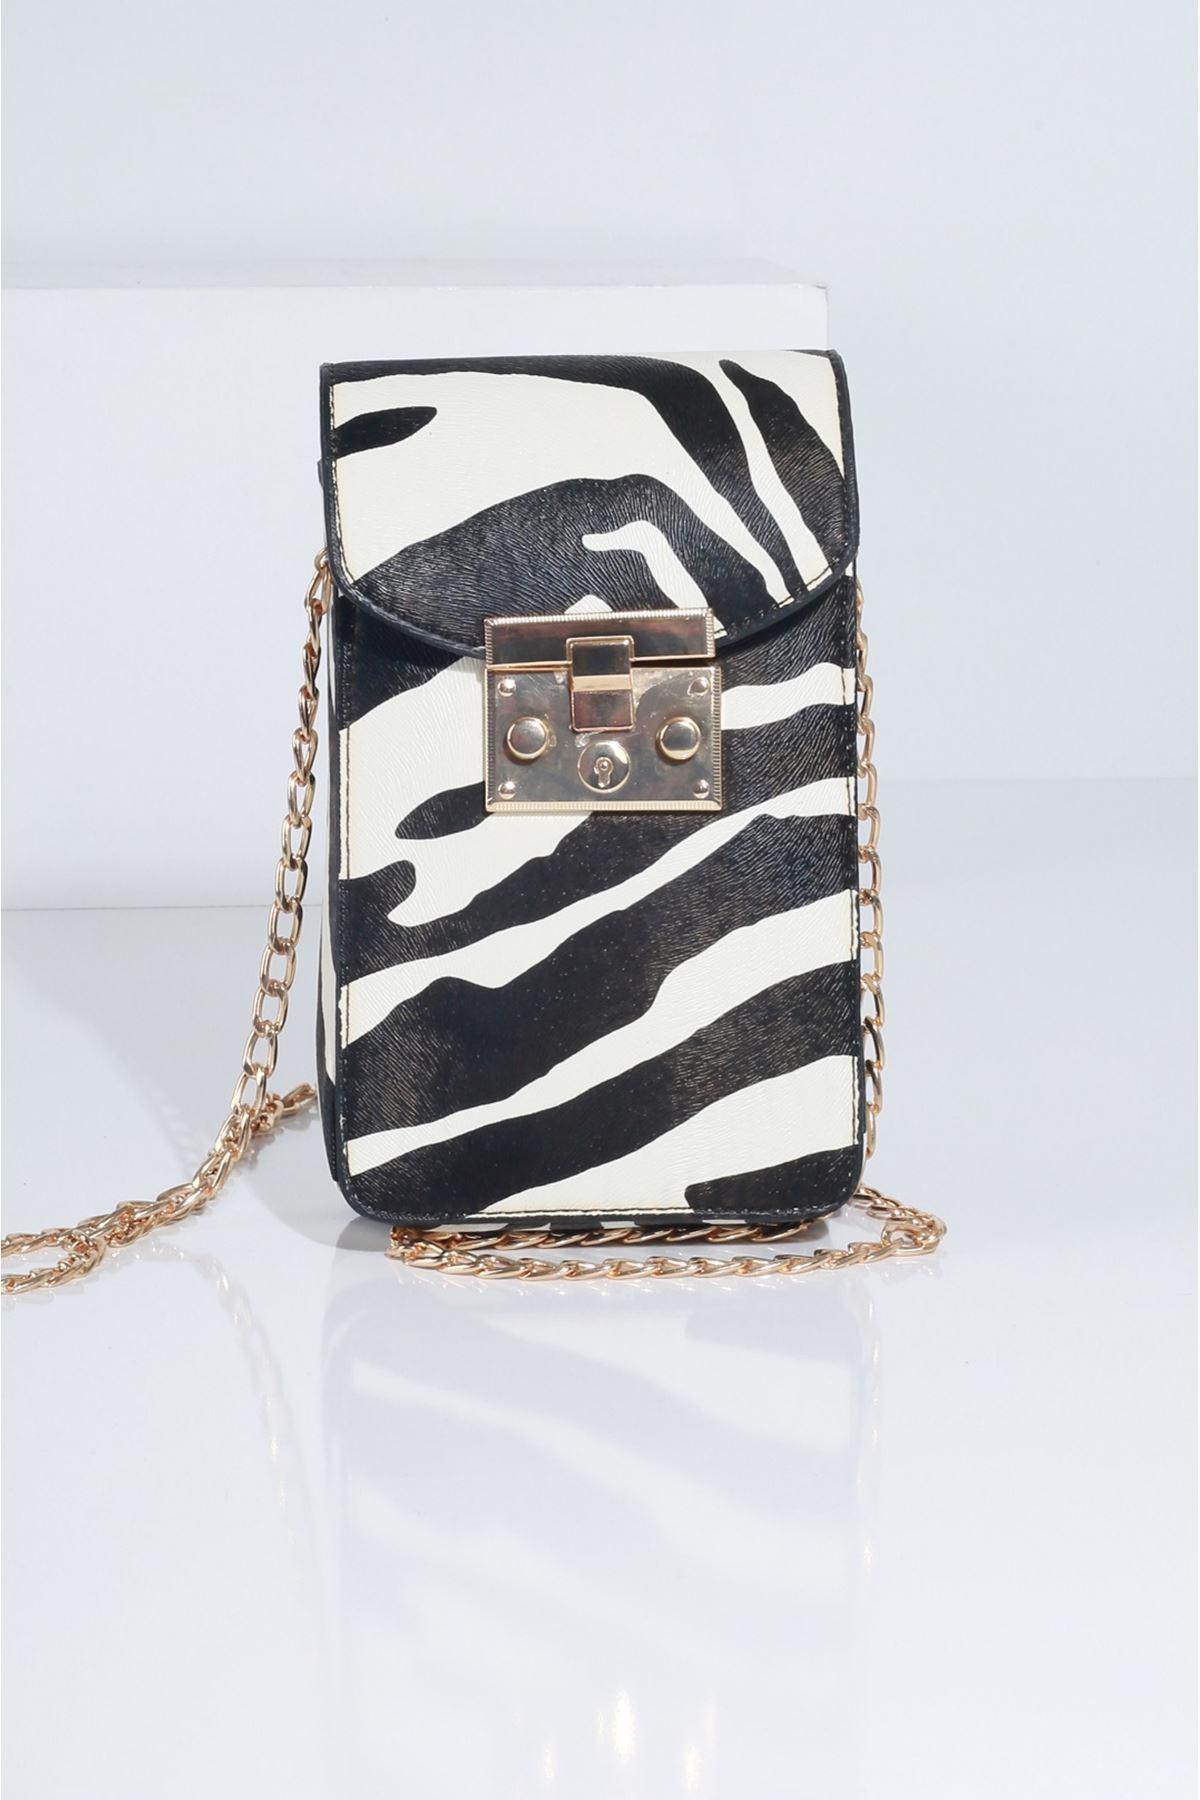 DOVO Zebra Kadın Çanta